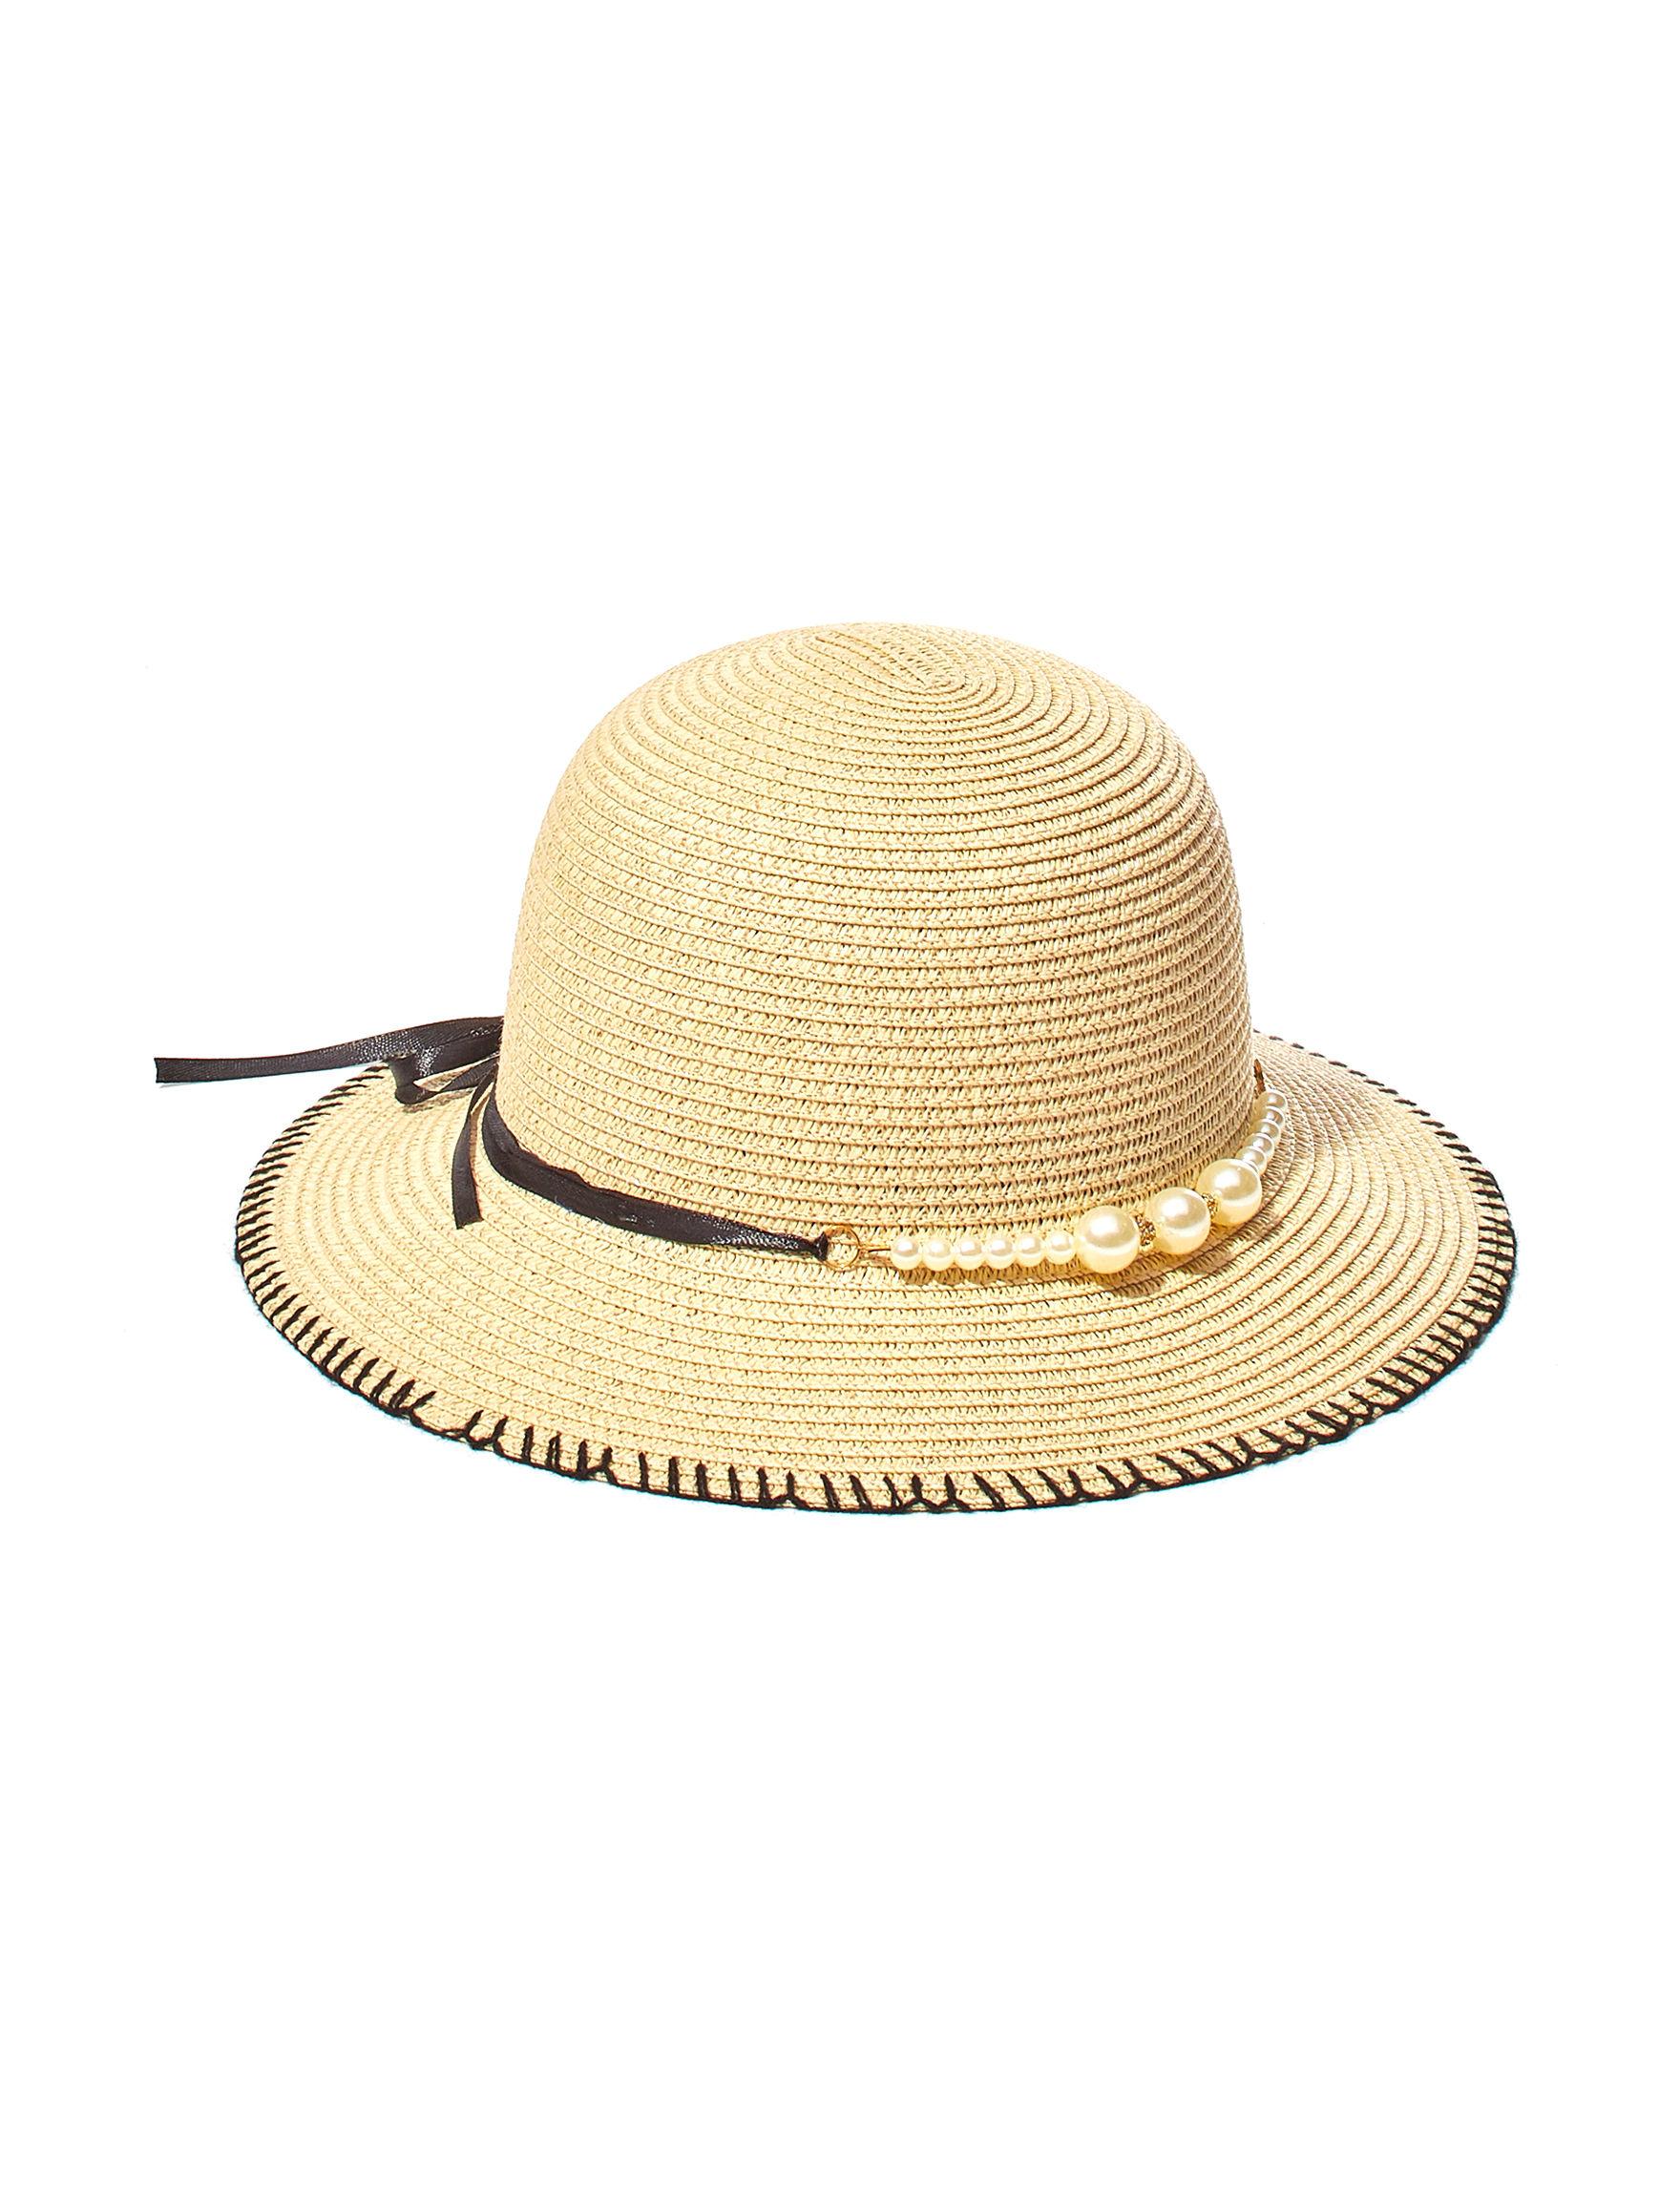 Amiee Lynn Beige / Black Hats & Headwear